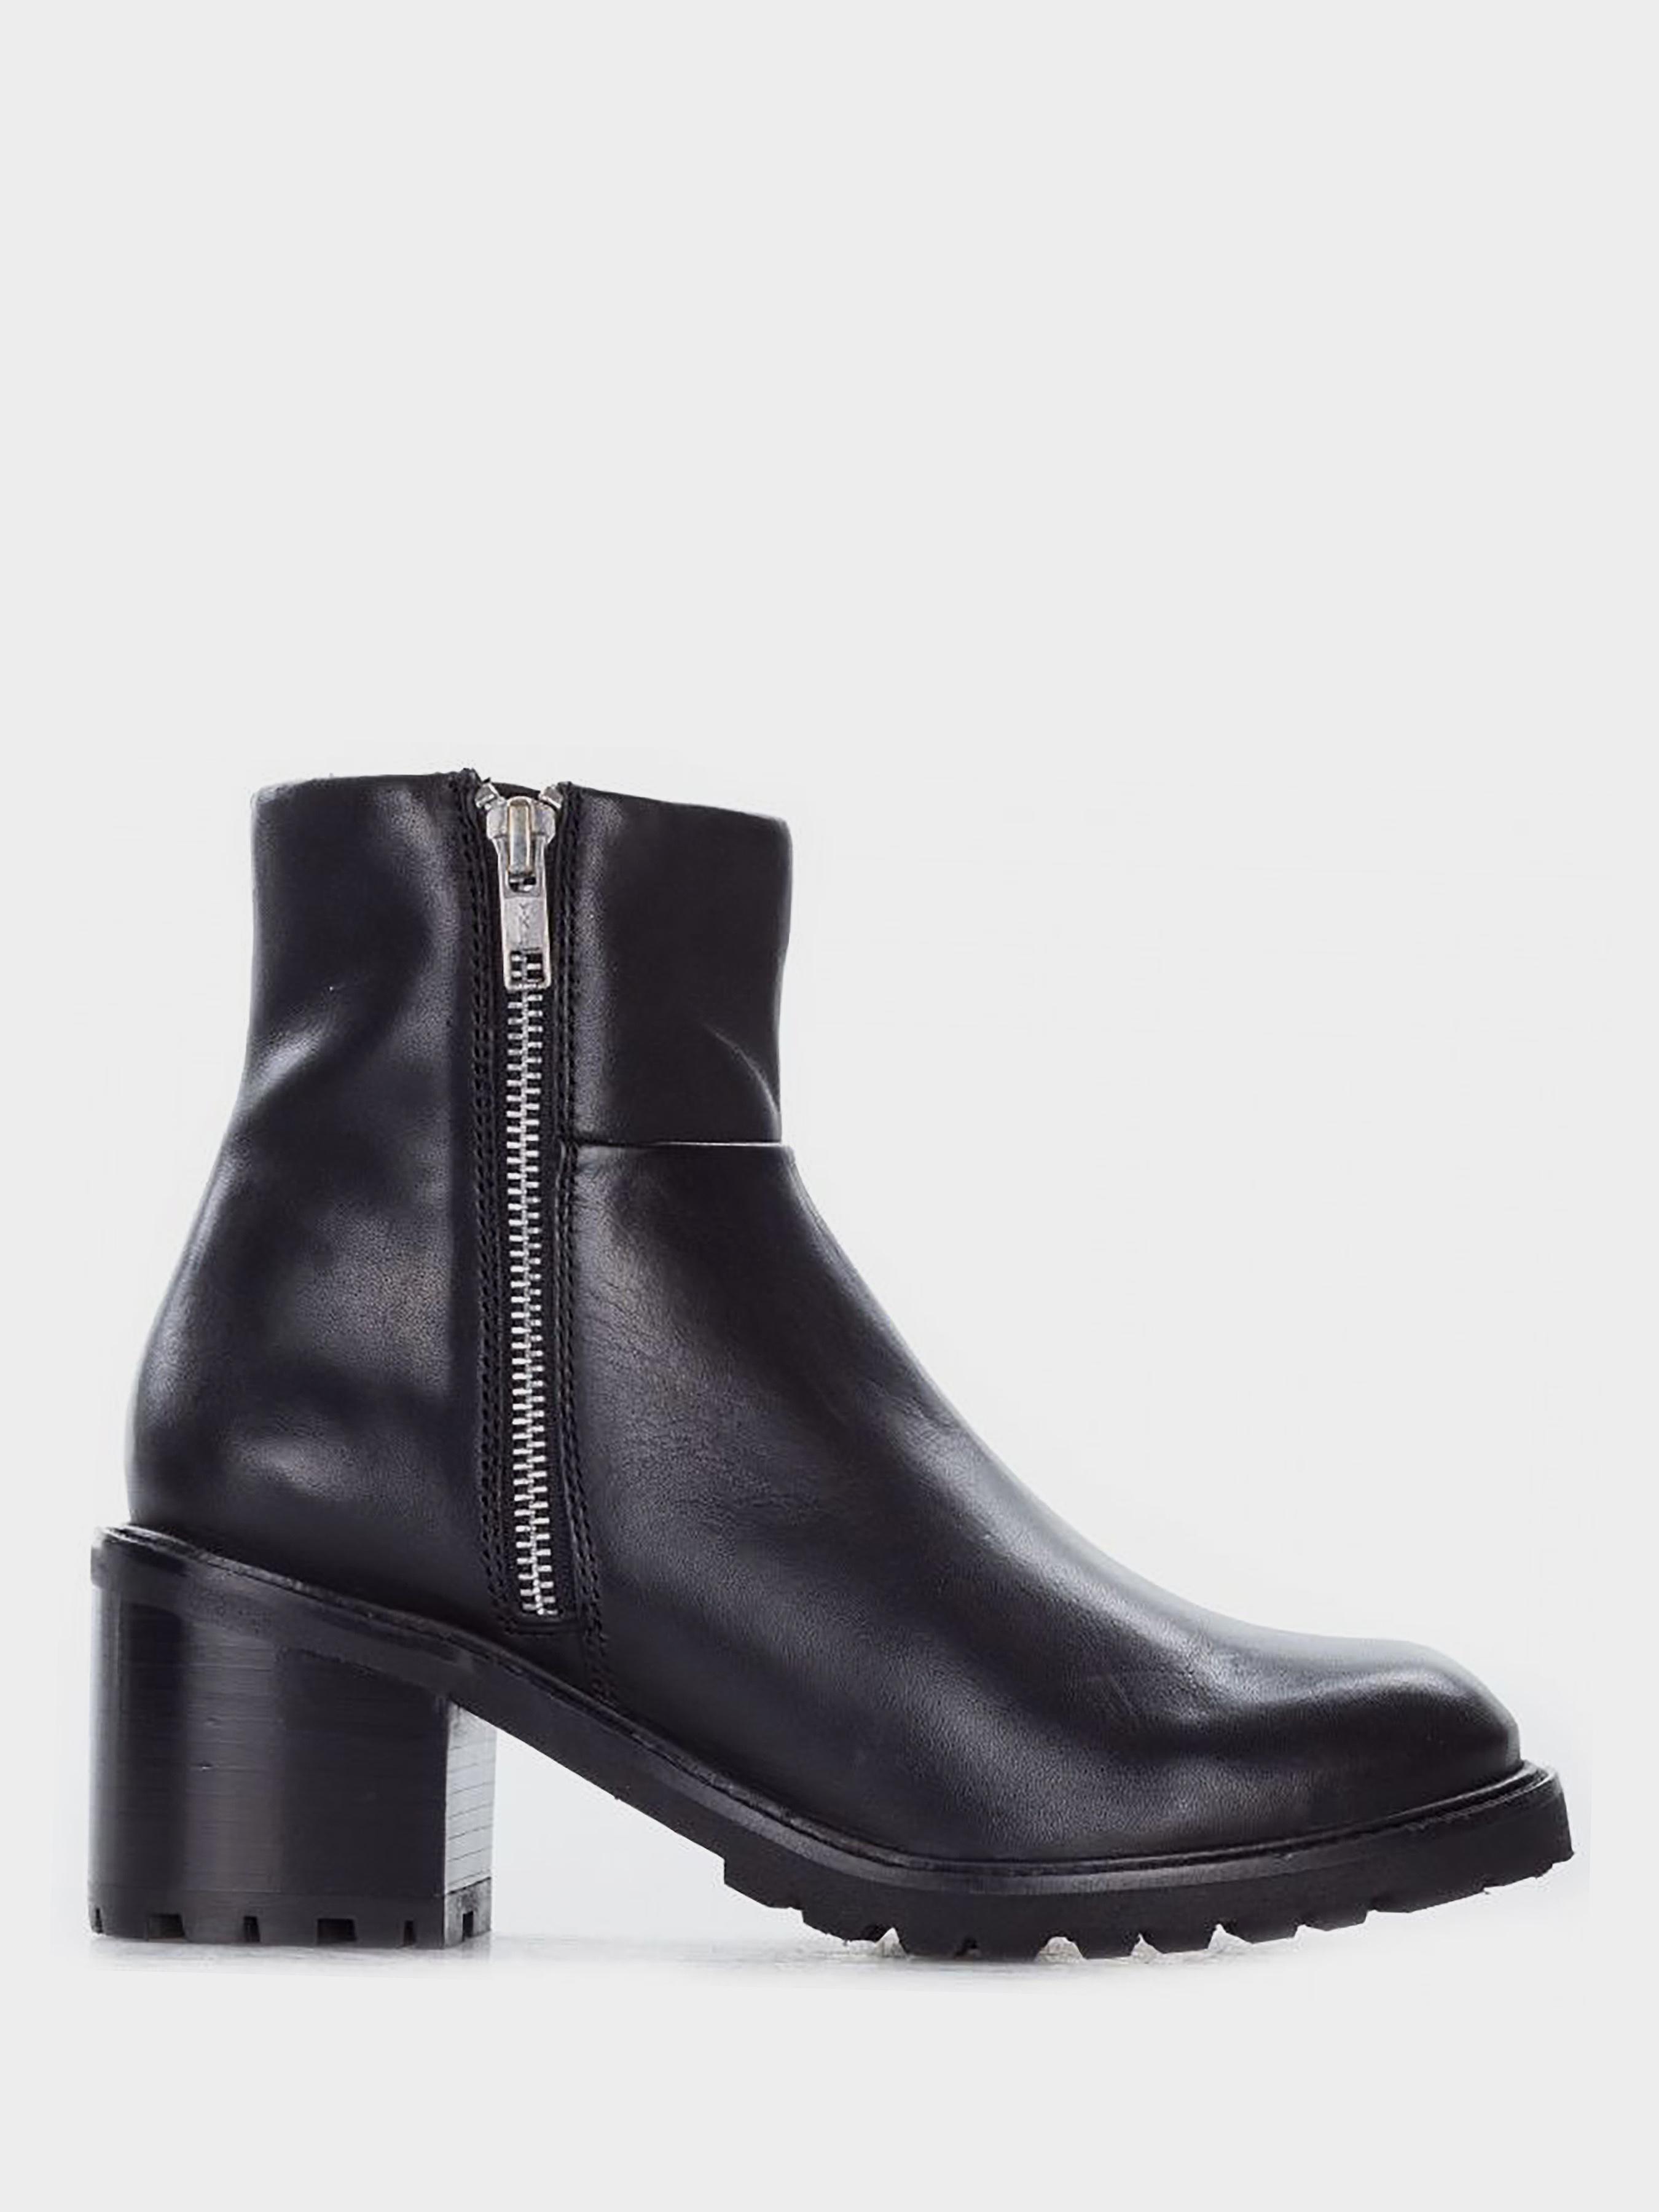 Купить Ботинки женские Braska черевики жін. (36-41) BS3024, Черный